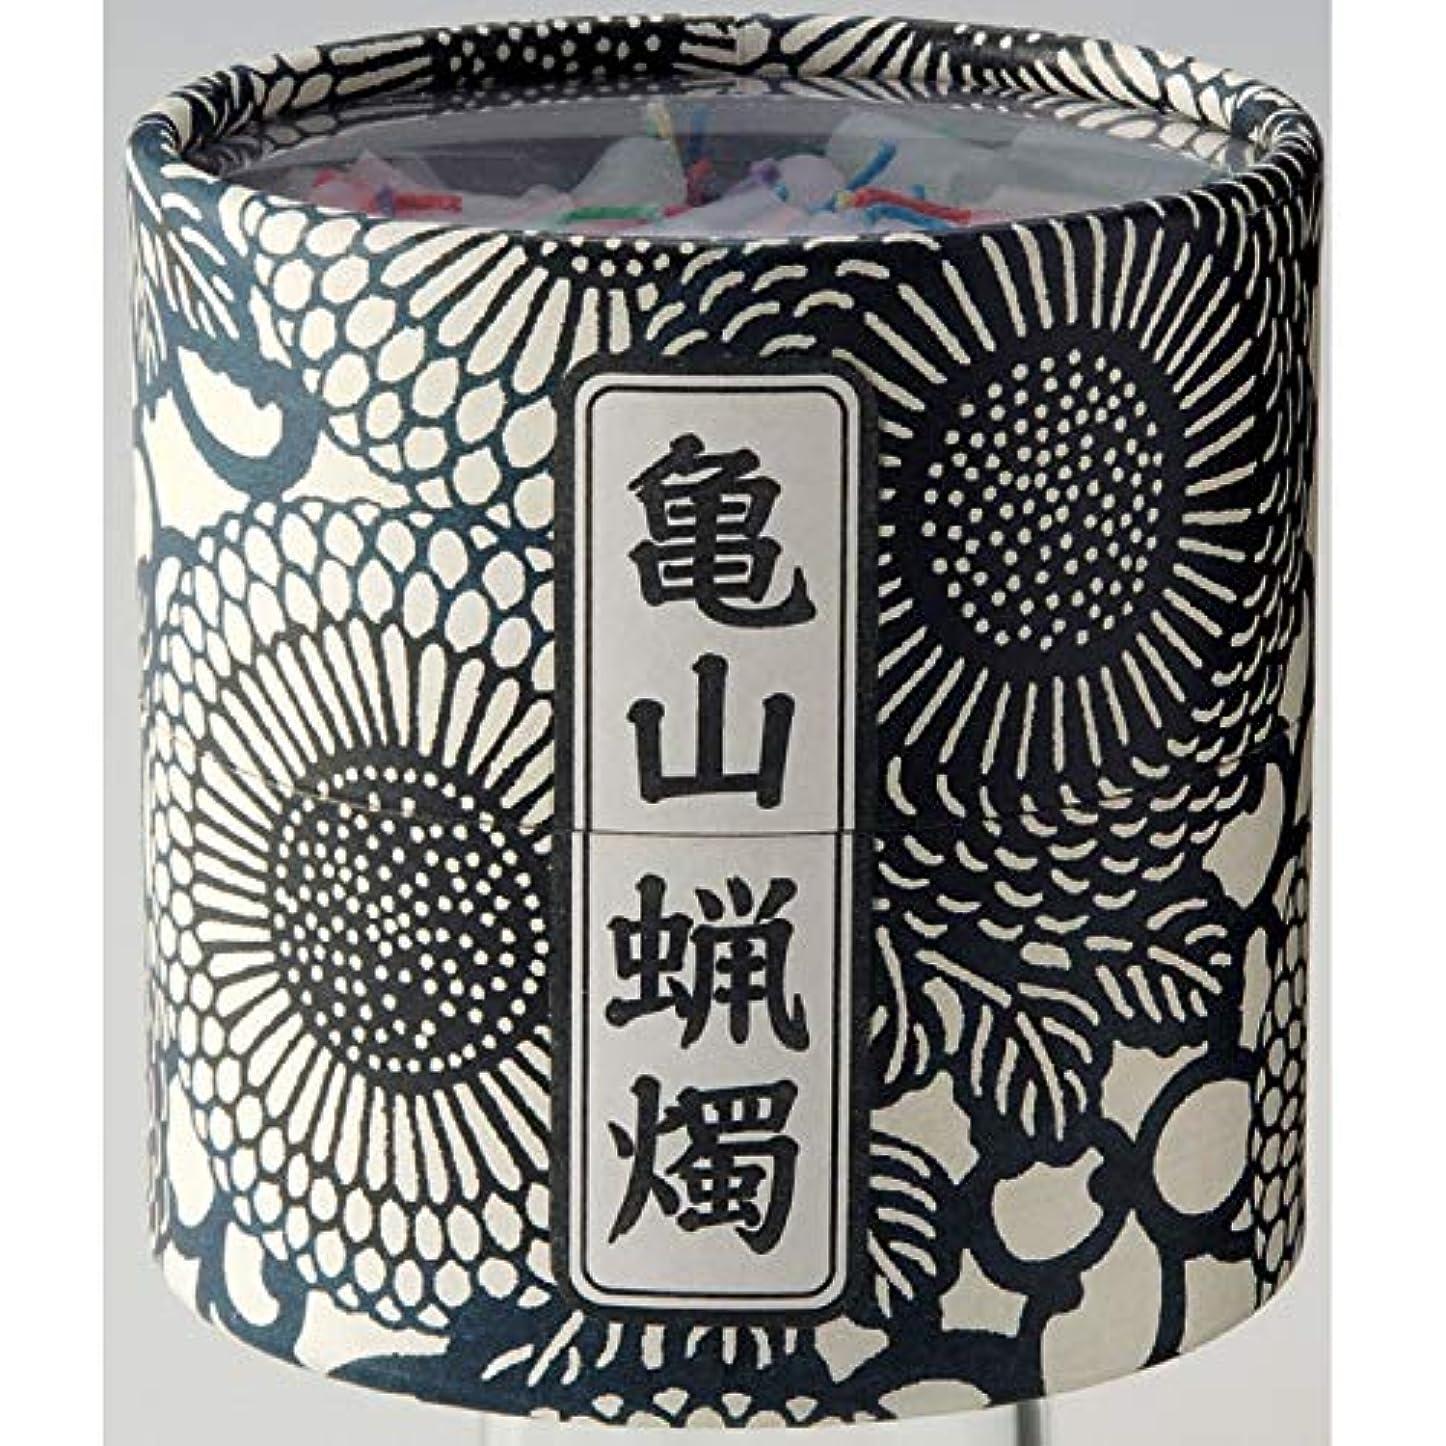 パール控えめな移動亀山五色蝋燭(ローソク)約300本入り